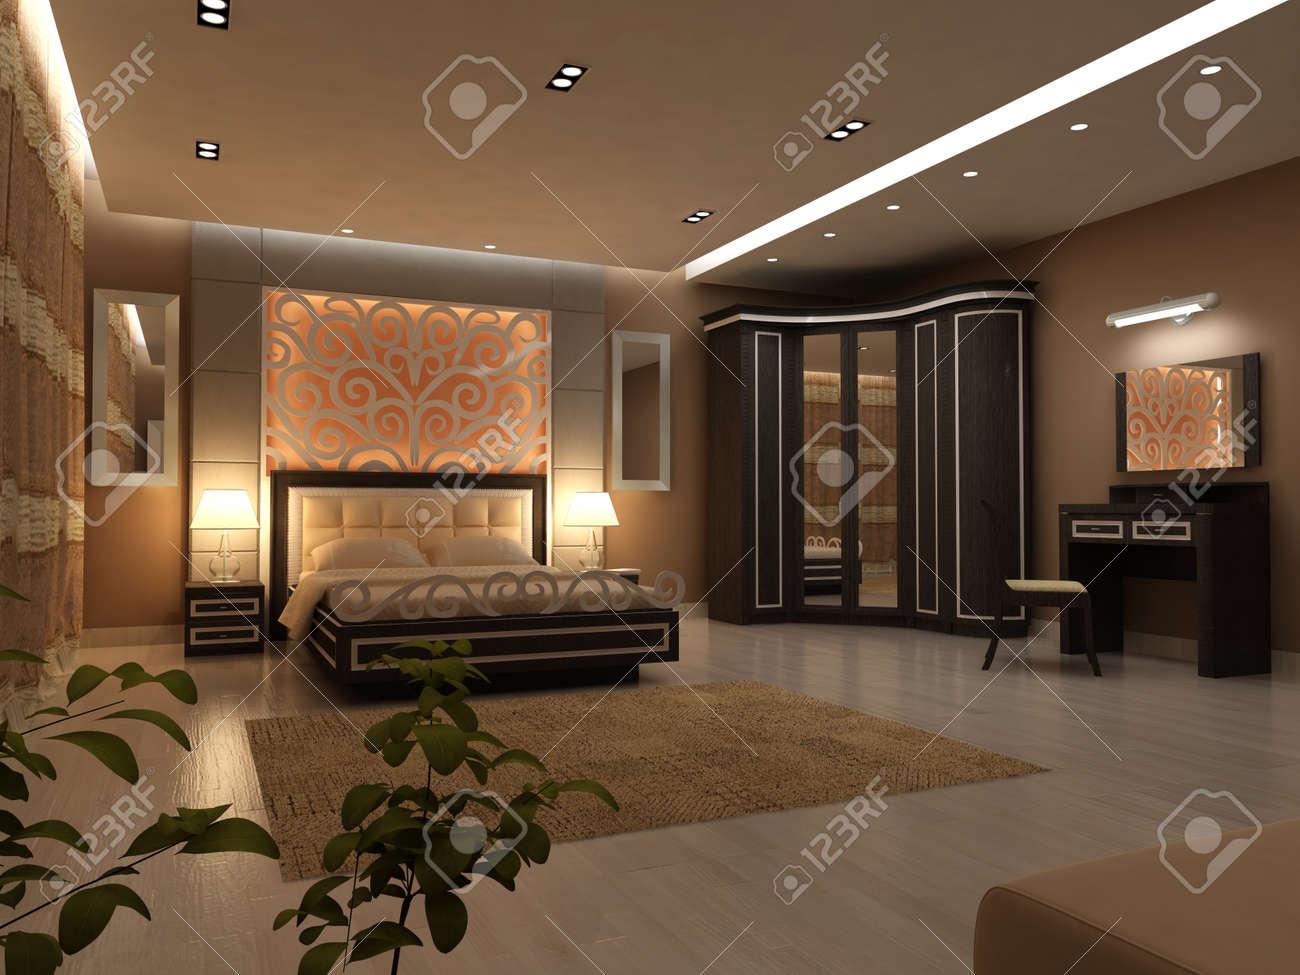 Banque Du0027images   Design Du0027intérieur De La Grande Chambre Moderne Dans Lu0027 éclairage Artificiel